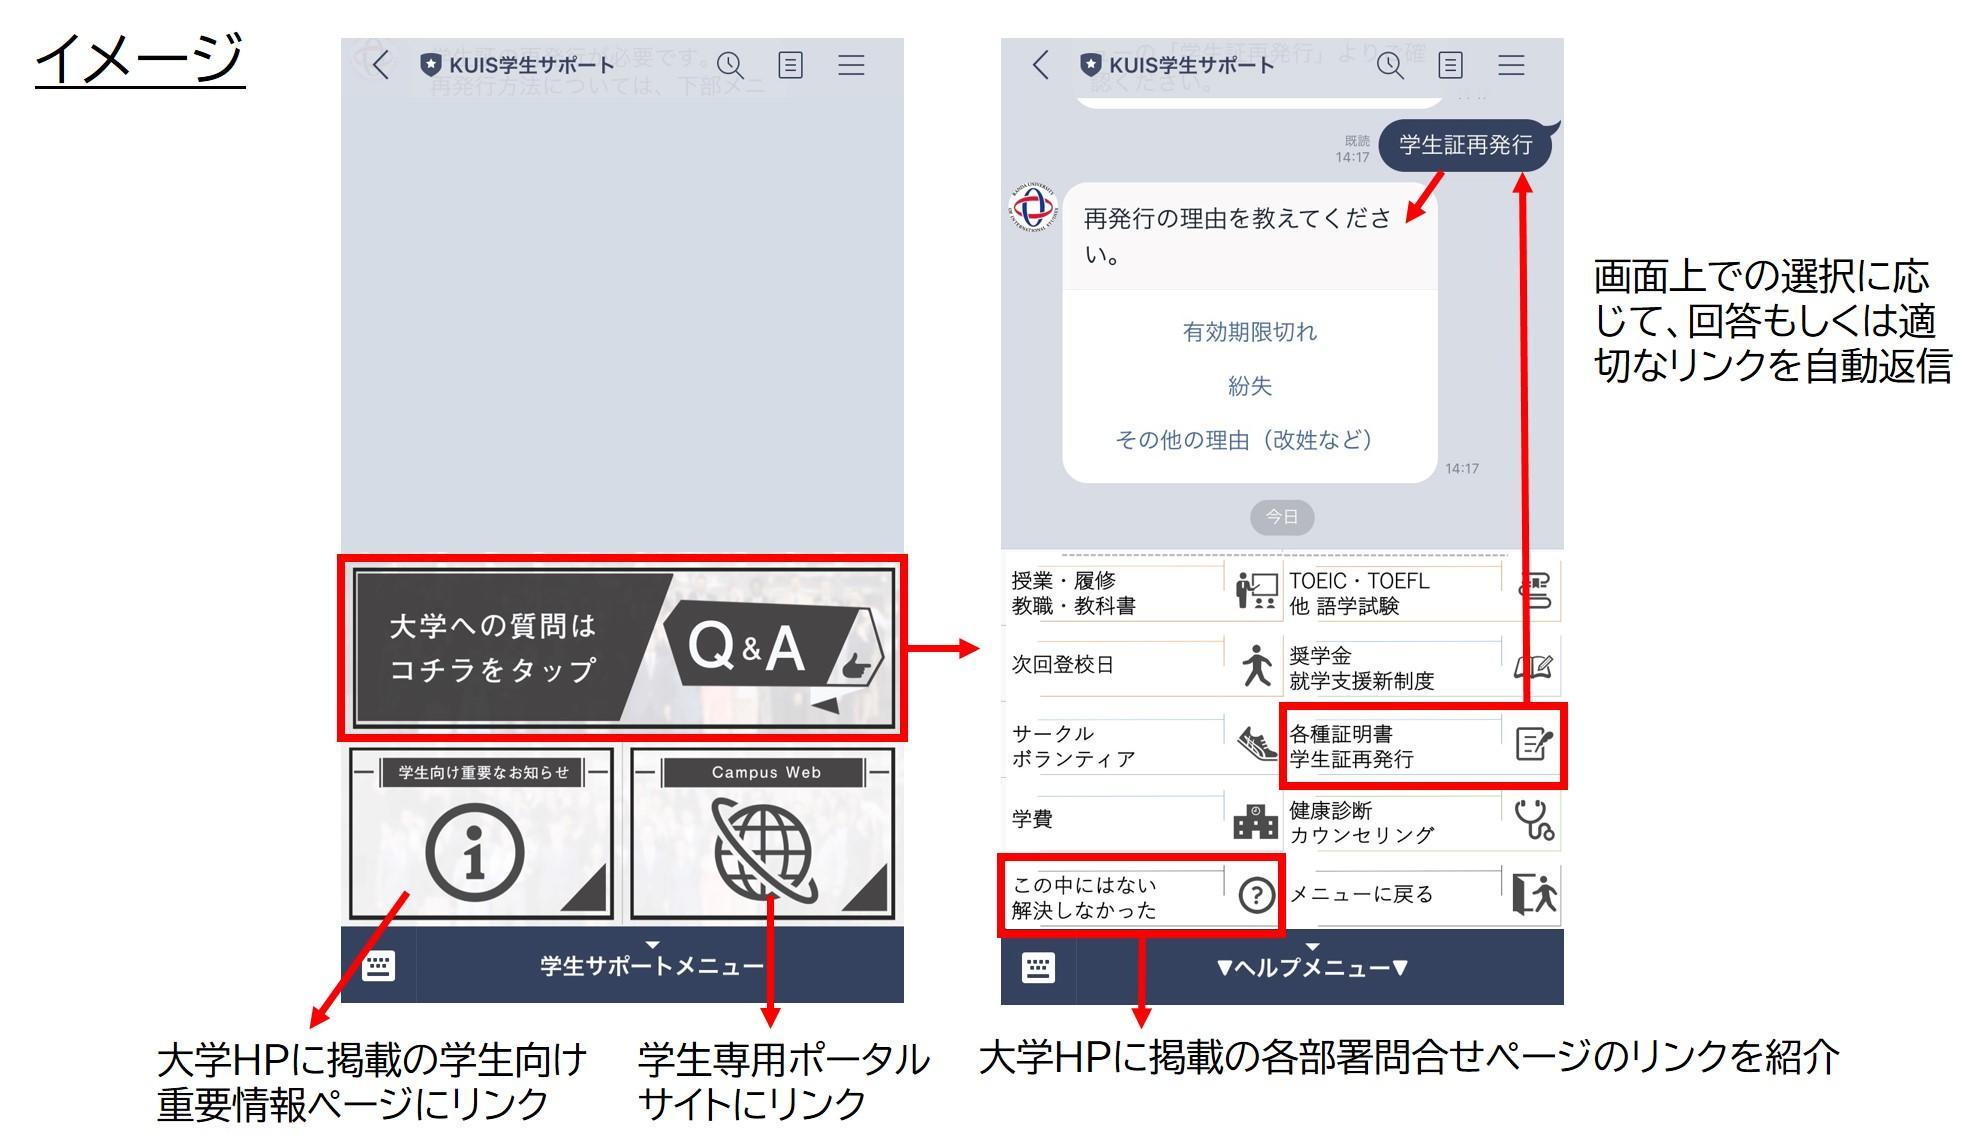 神田外語大学がLINE公式アカウント「KUIS学生サポート」チャットボットを開始